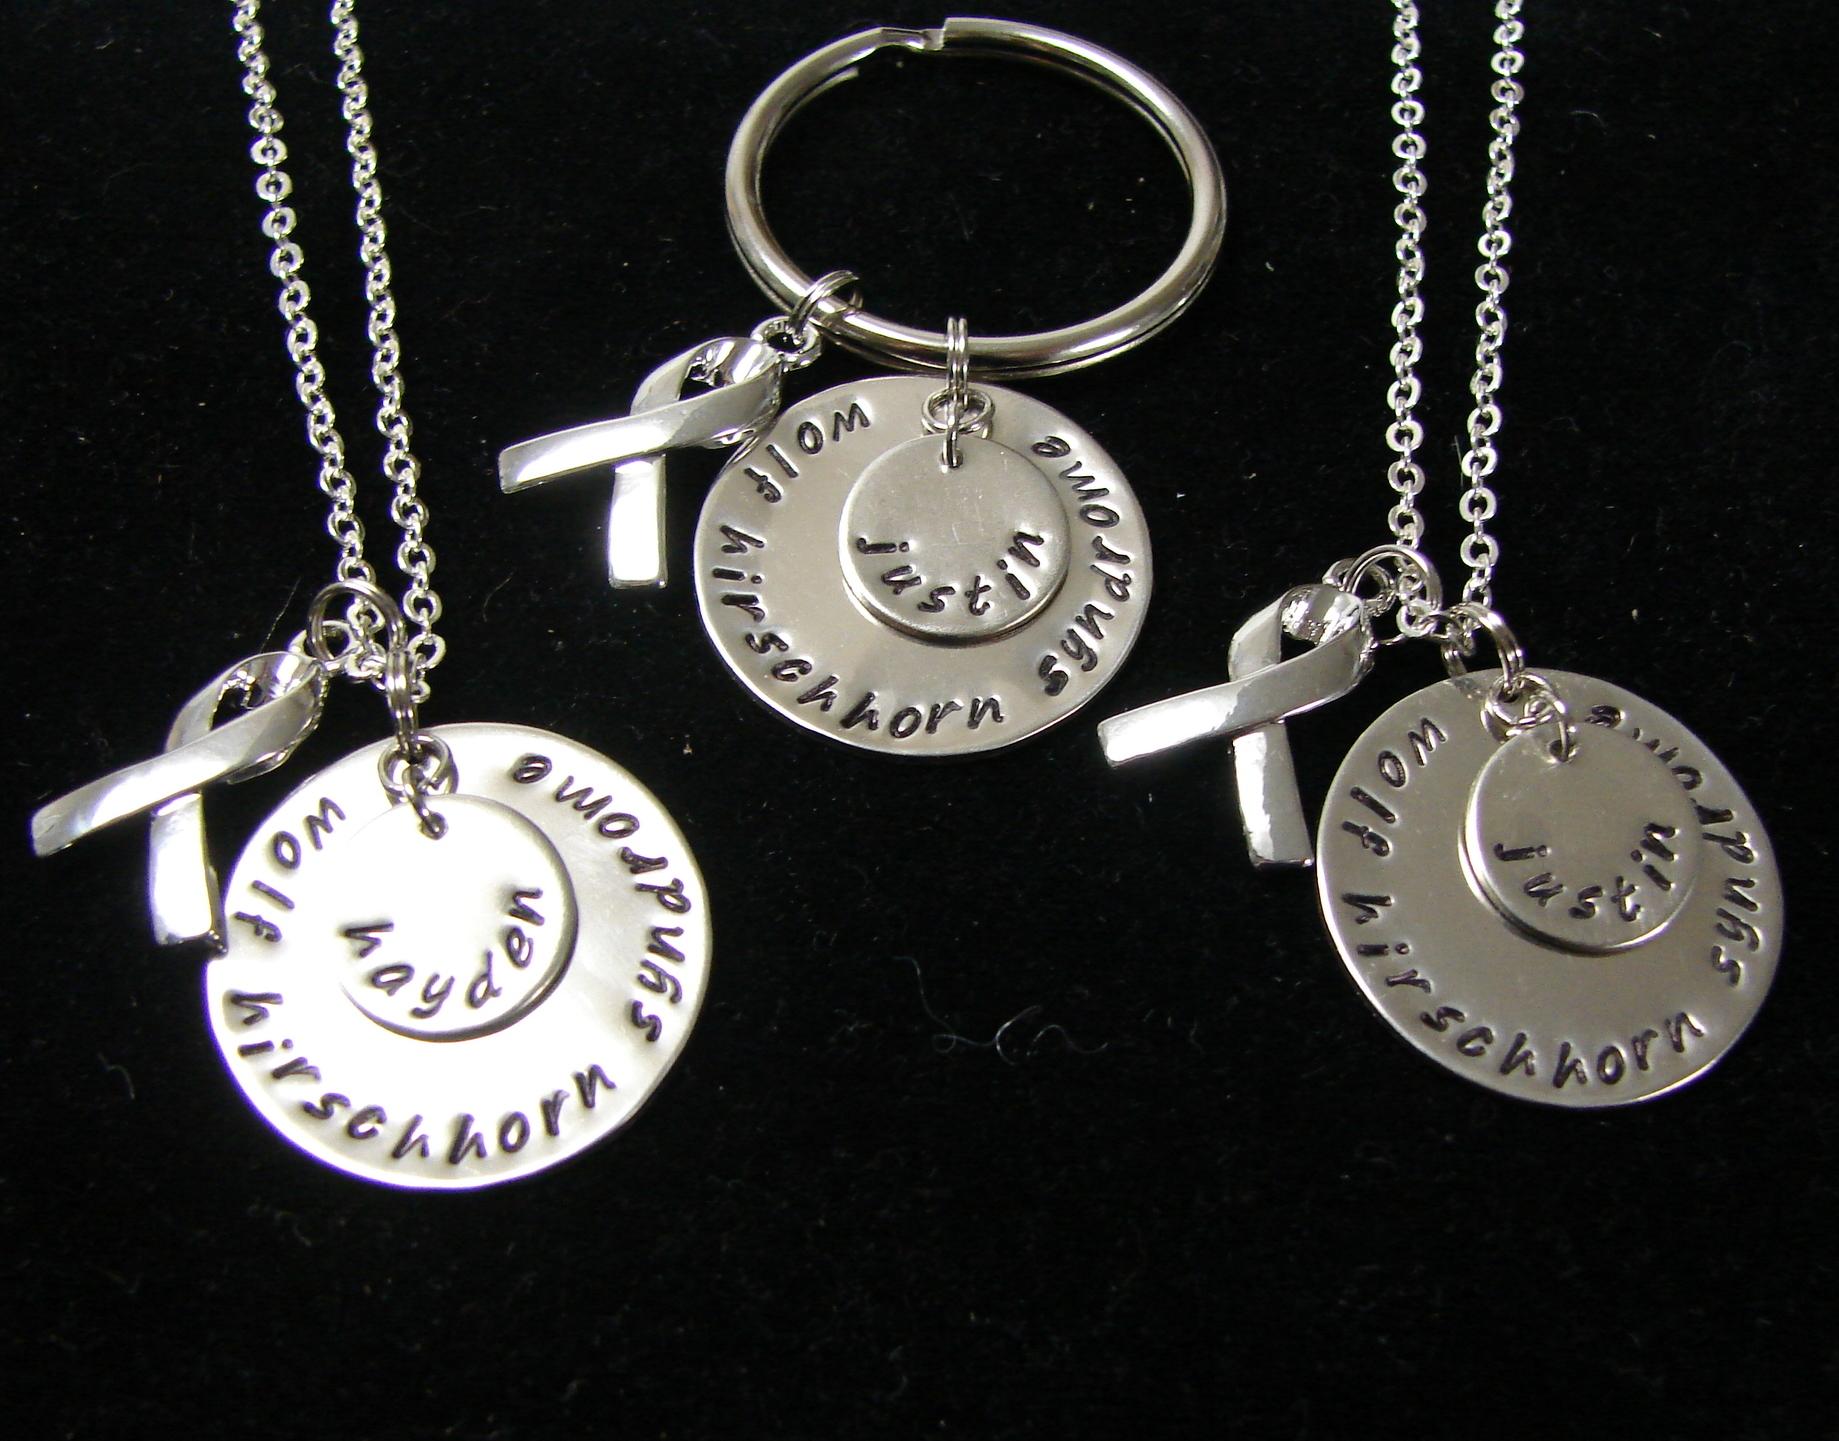 Jewelry metal stamping style guru fashion glitz for Metal stamping press for jewelry